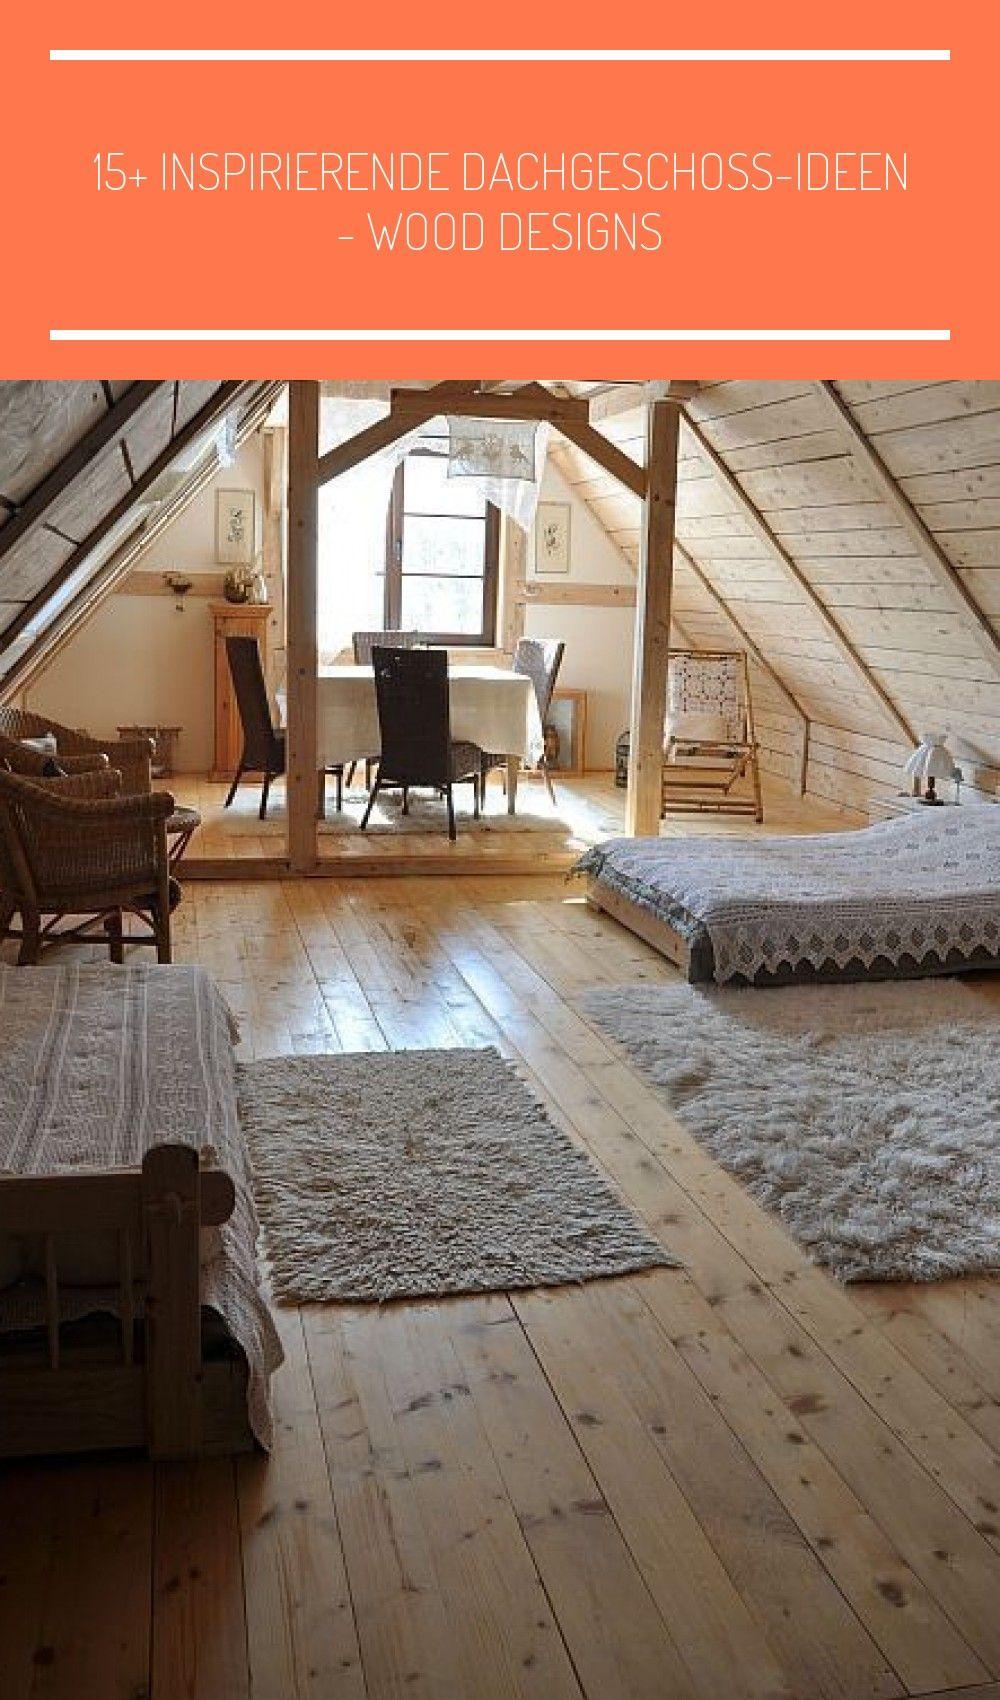 10 inspirierende Dachgeschoss-Ideen Wood Designs Das Wohnzimmer